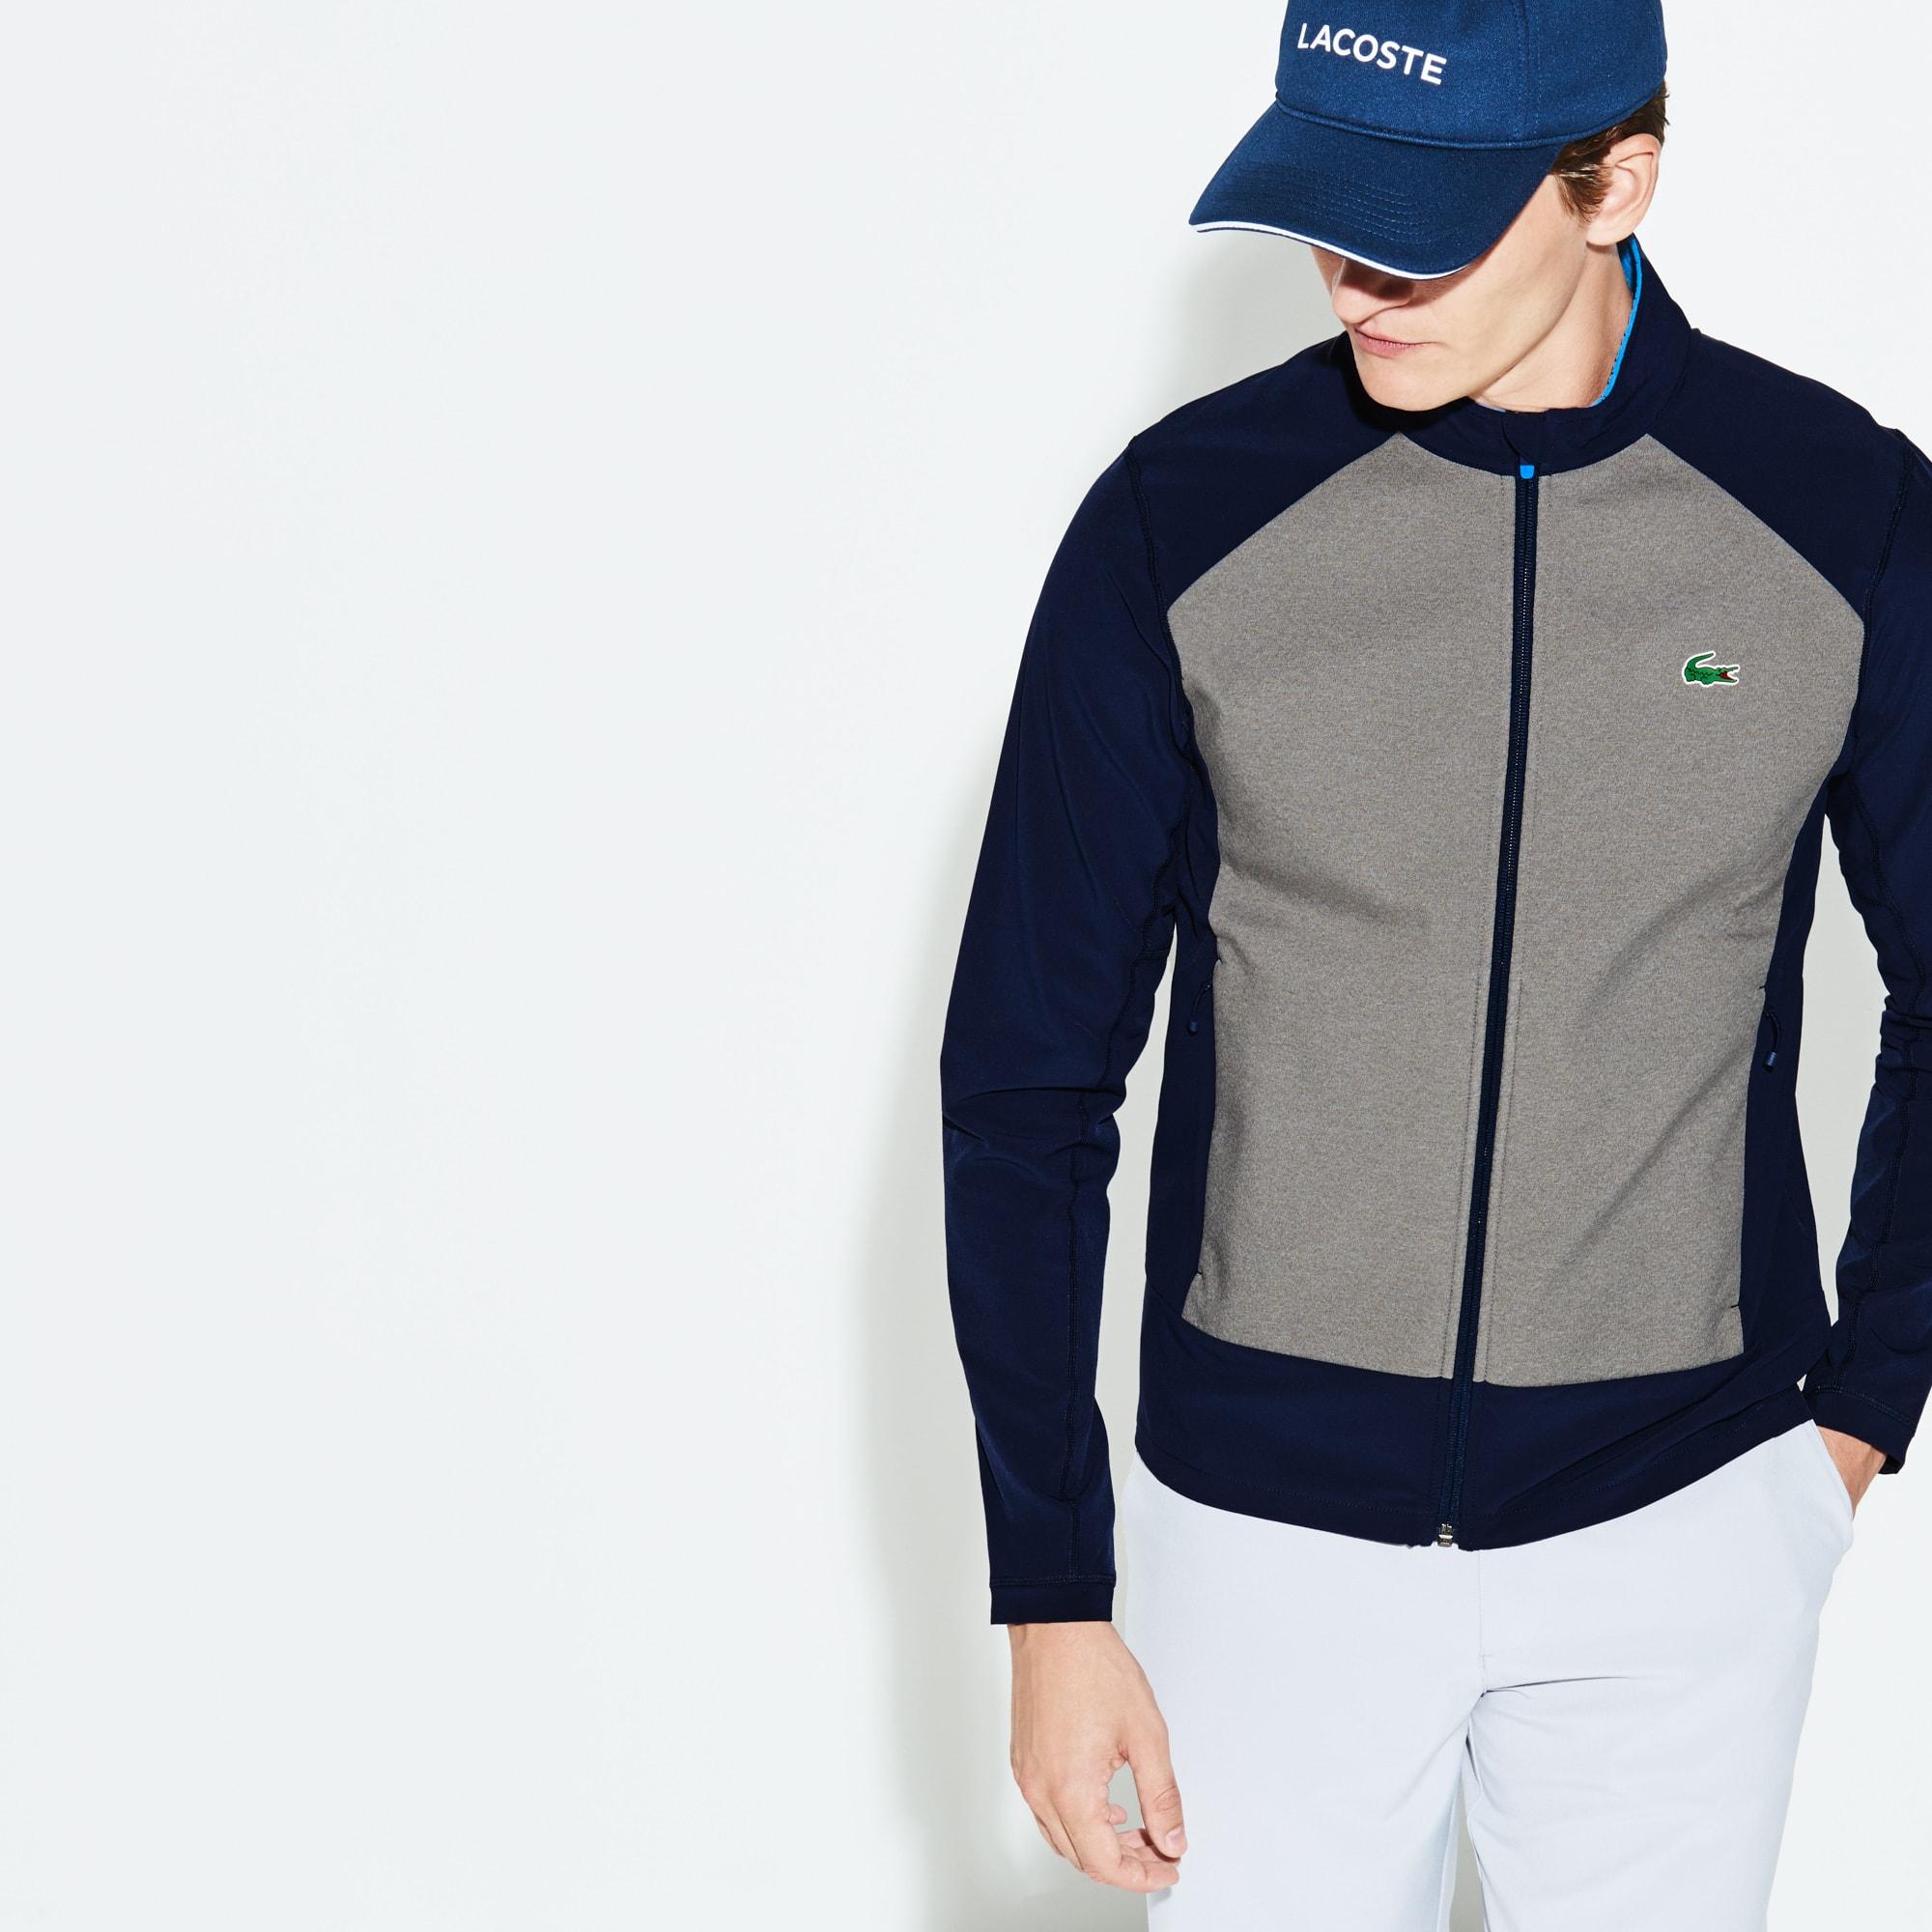 Men's Lacoste SPORT Water-Resistant Zip Golf Sweatshirt